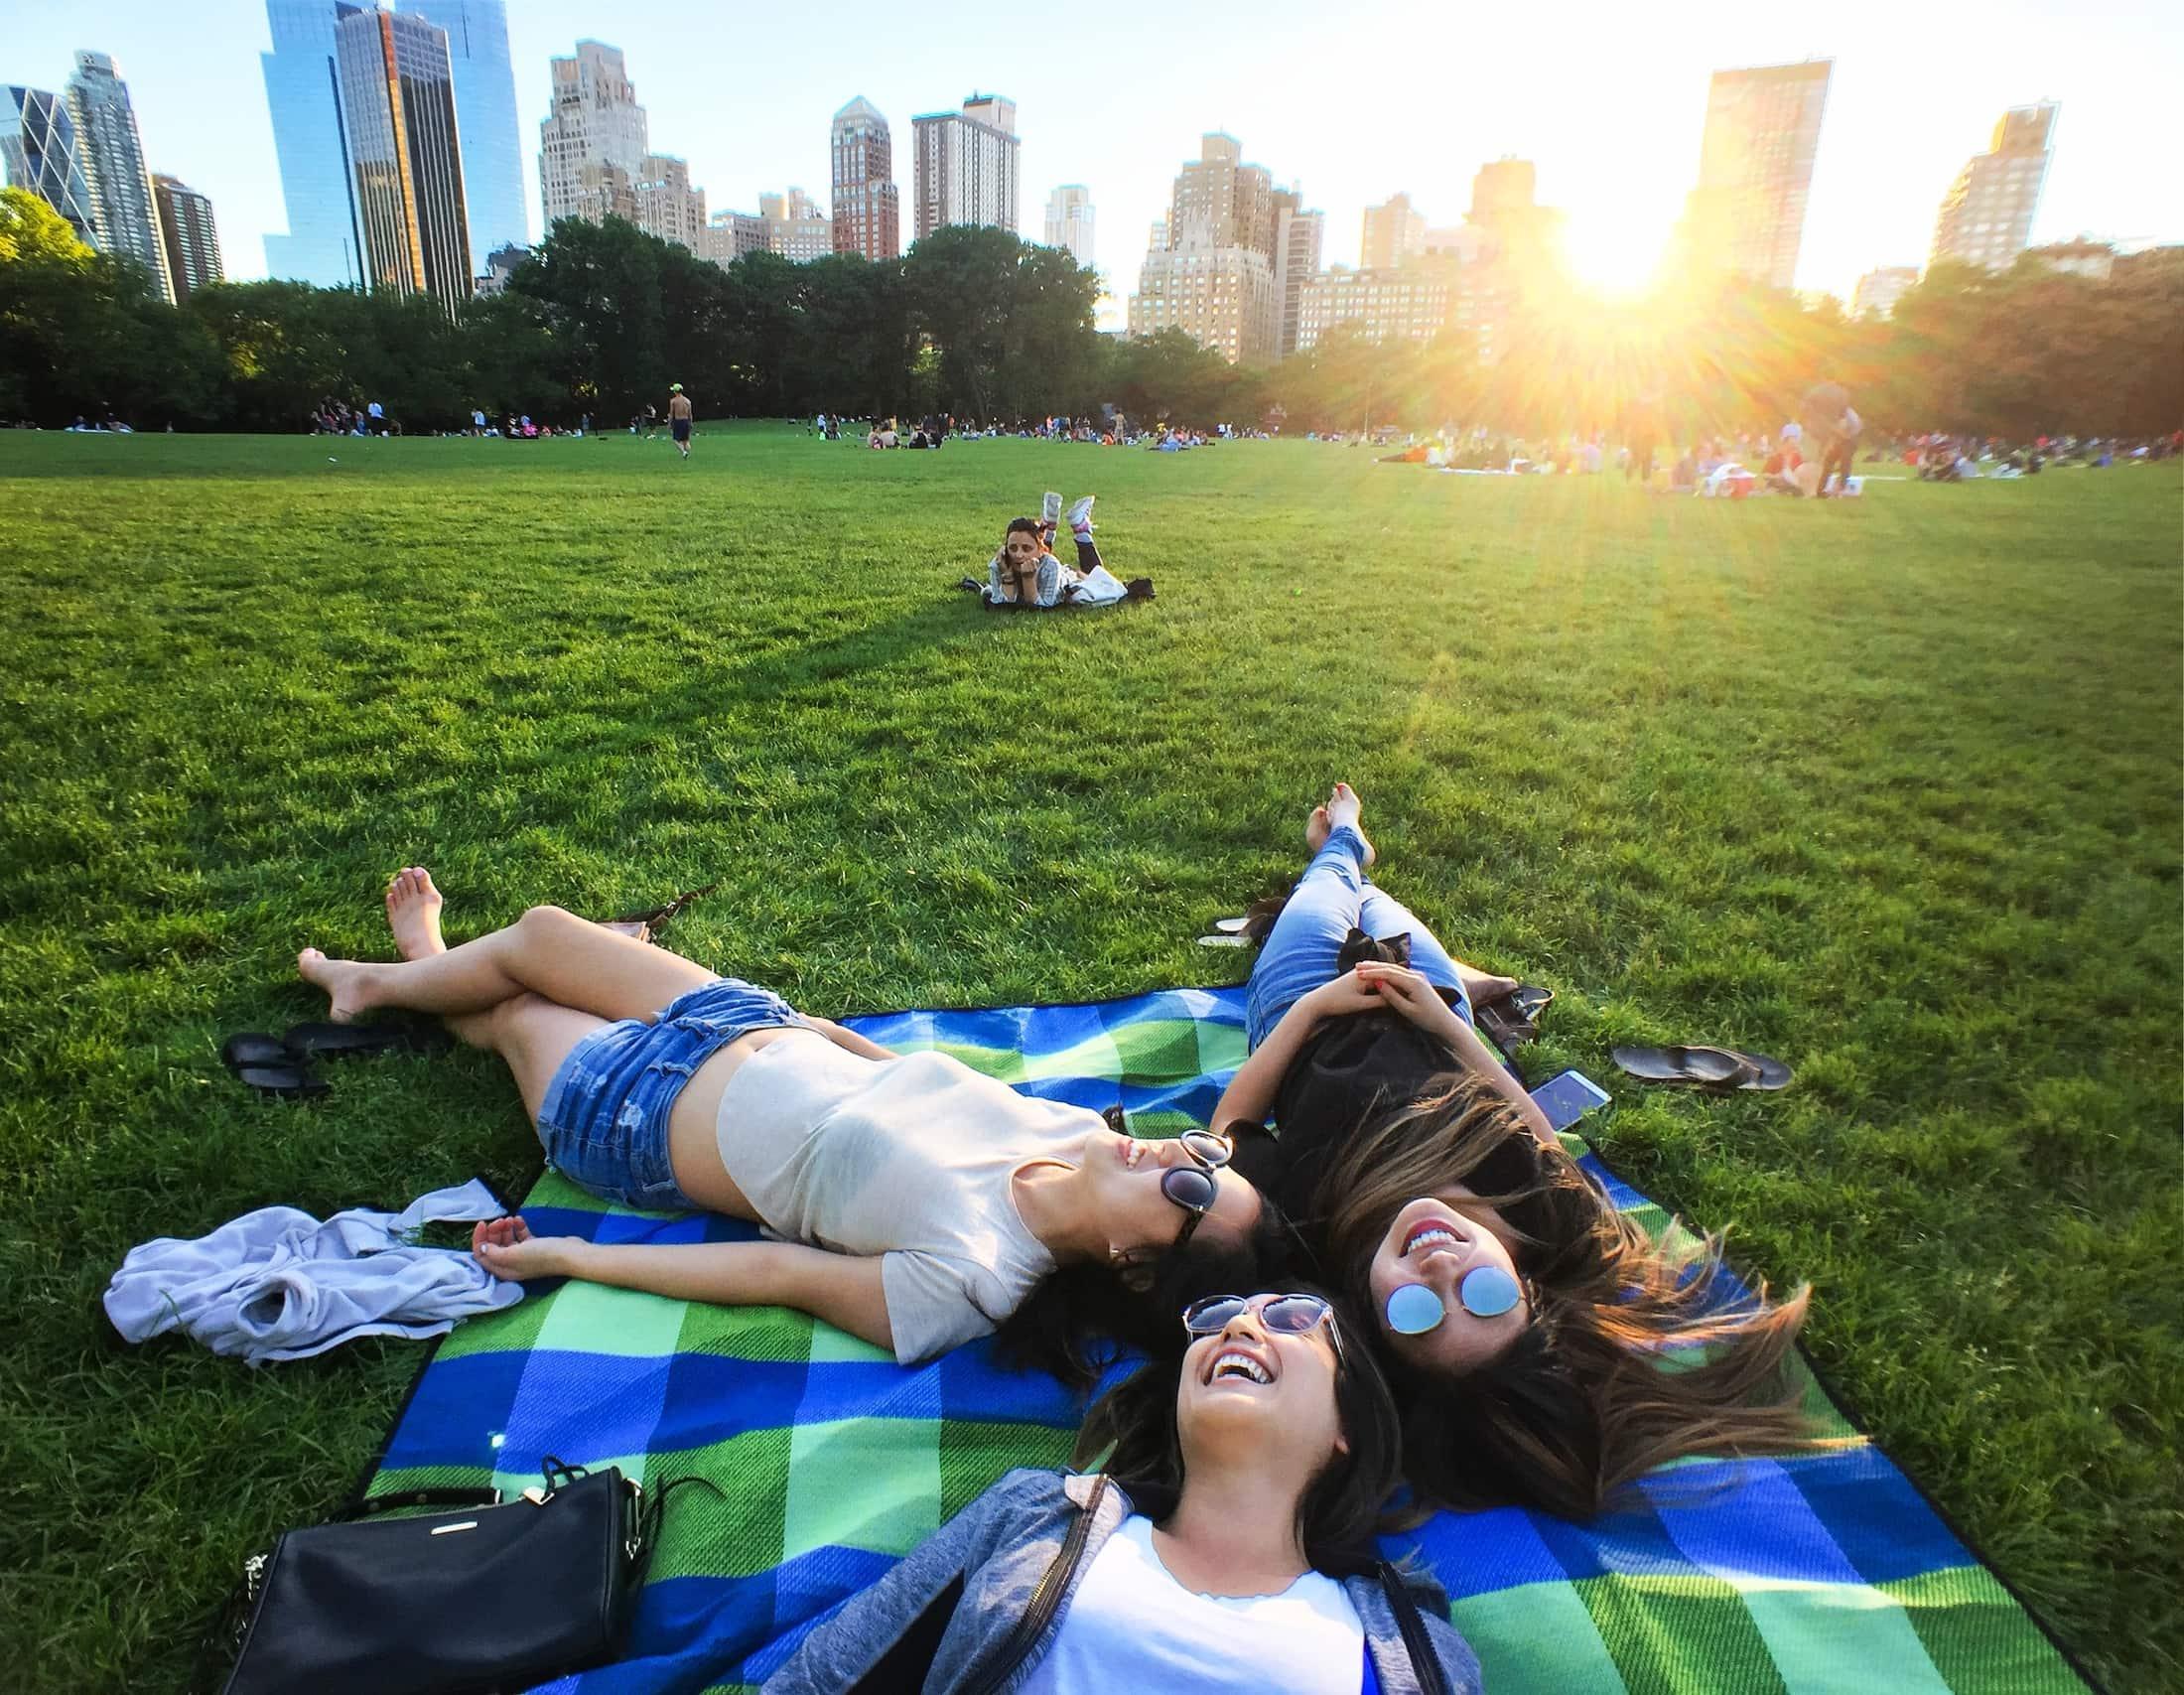 summertime joys in central park new york city J6MND2N